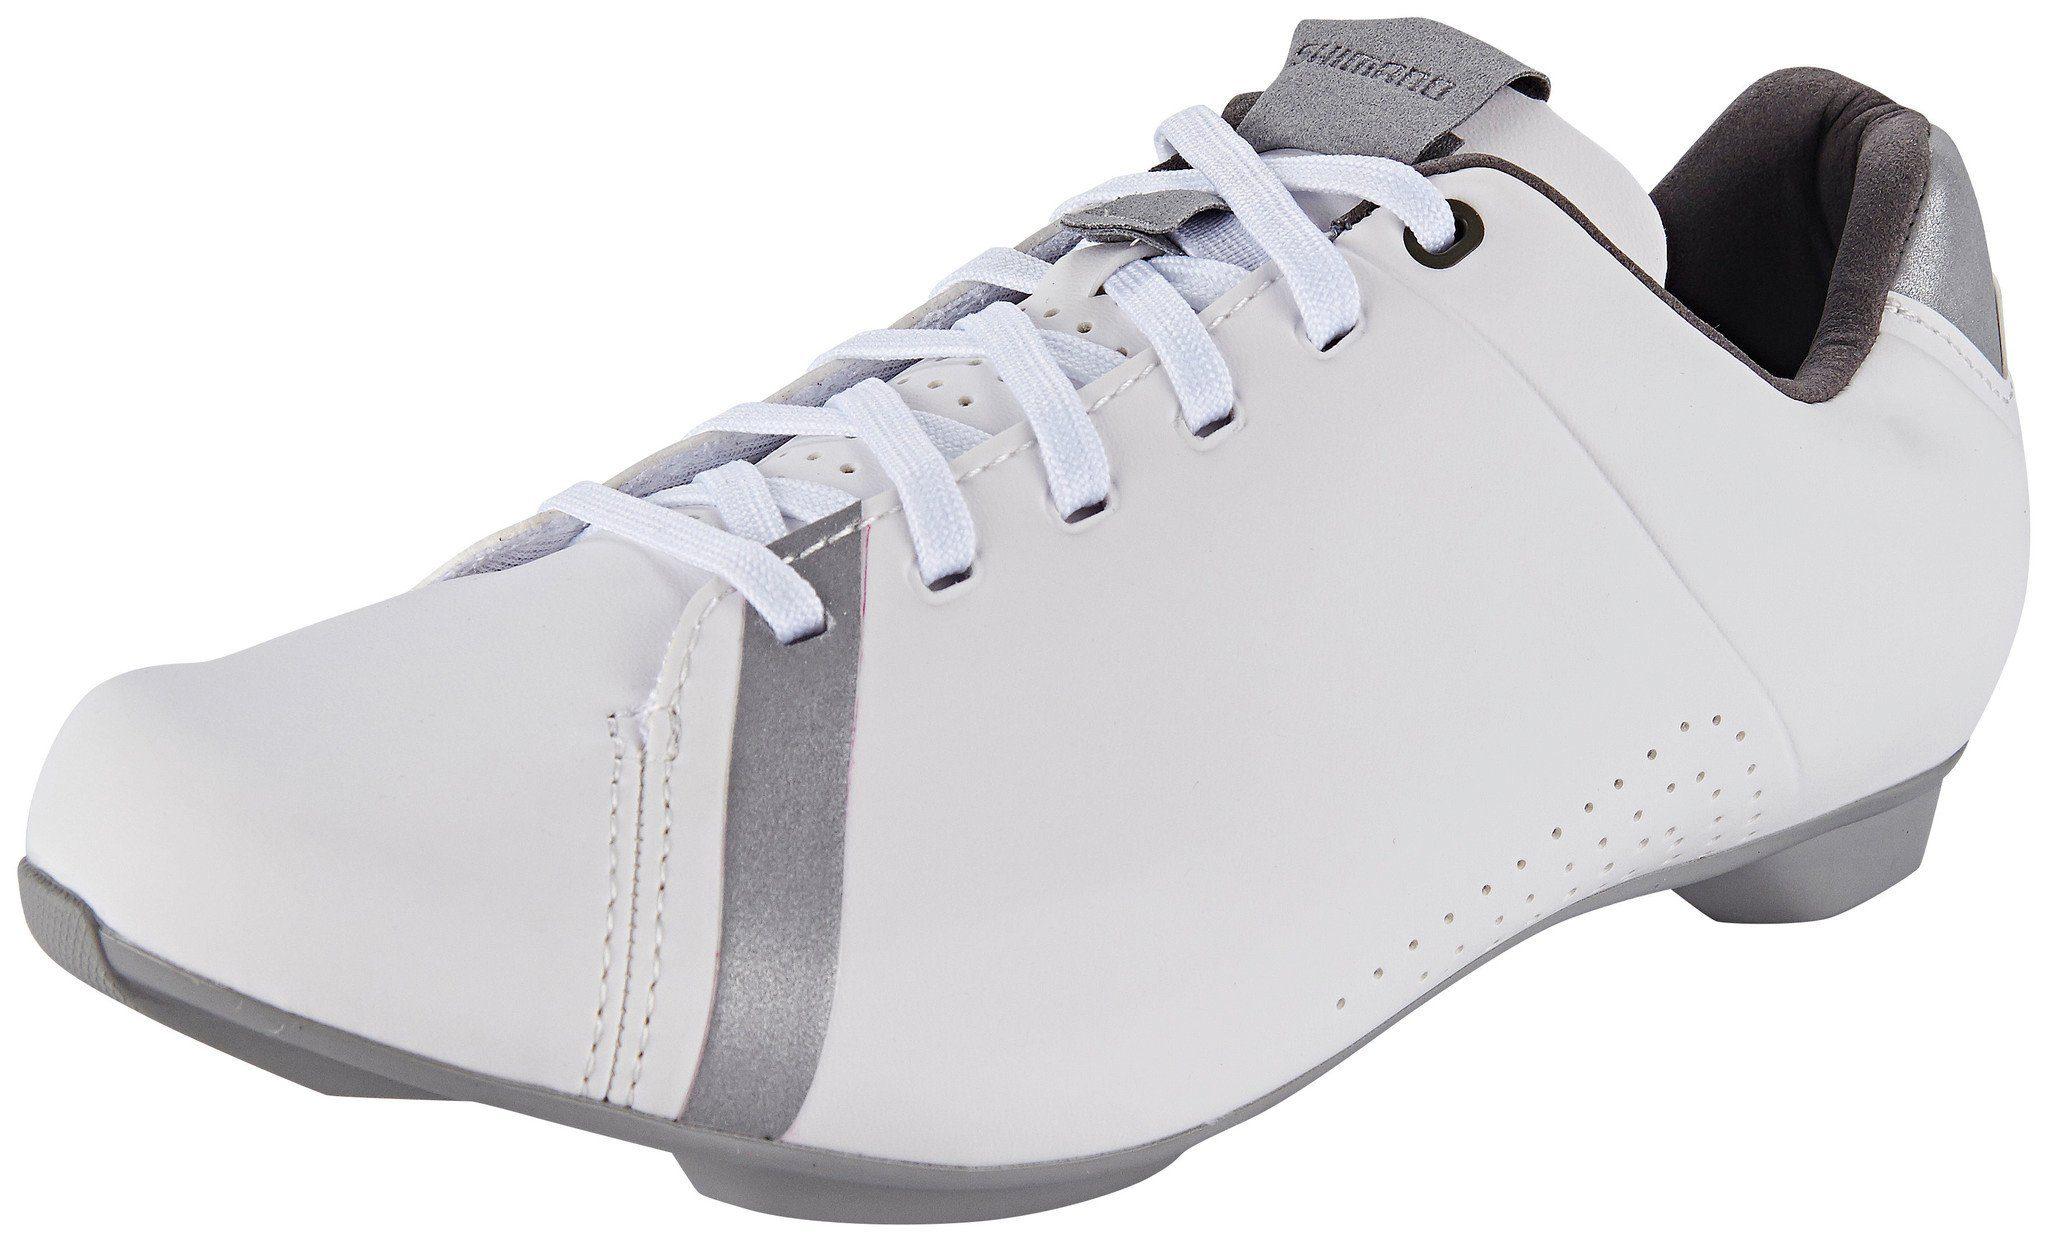 Shimano Fahrradschuh SH-RT4WW Schuhe Damen  weiß